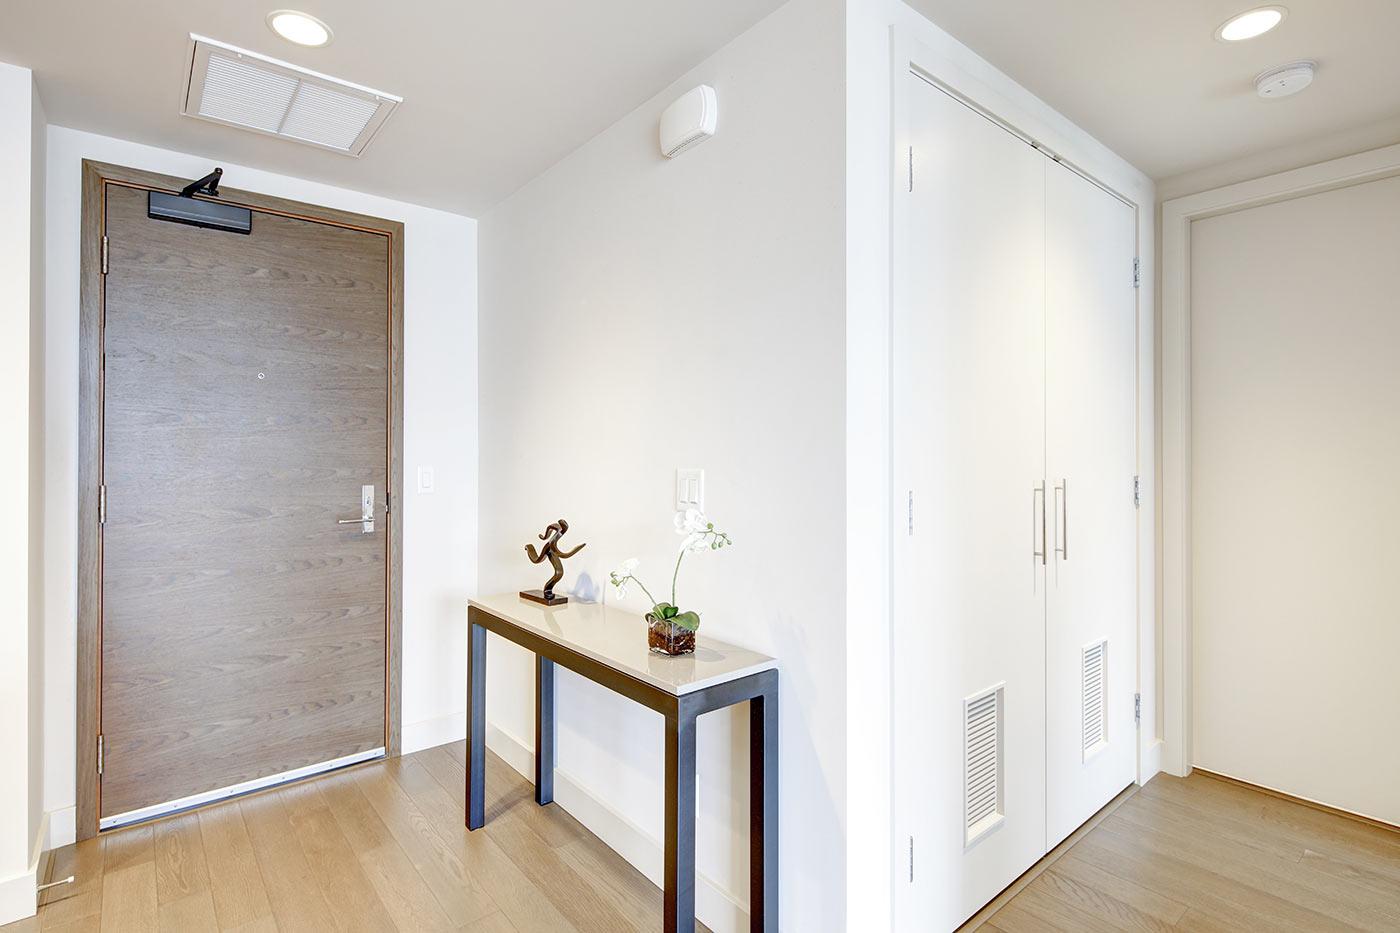 Idee per sfruttare le stanze meno usate: ingresso e corridoi